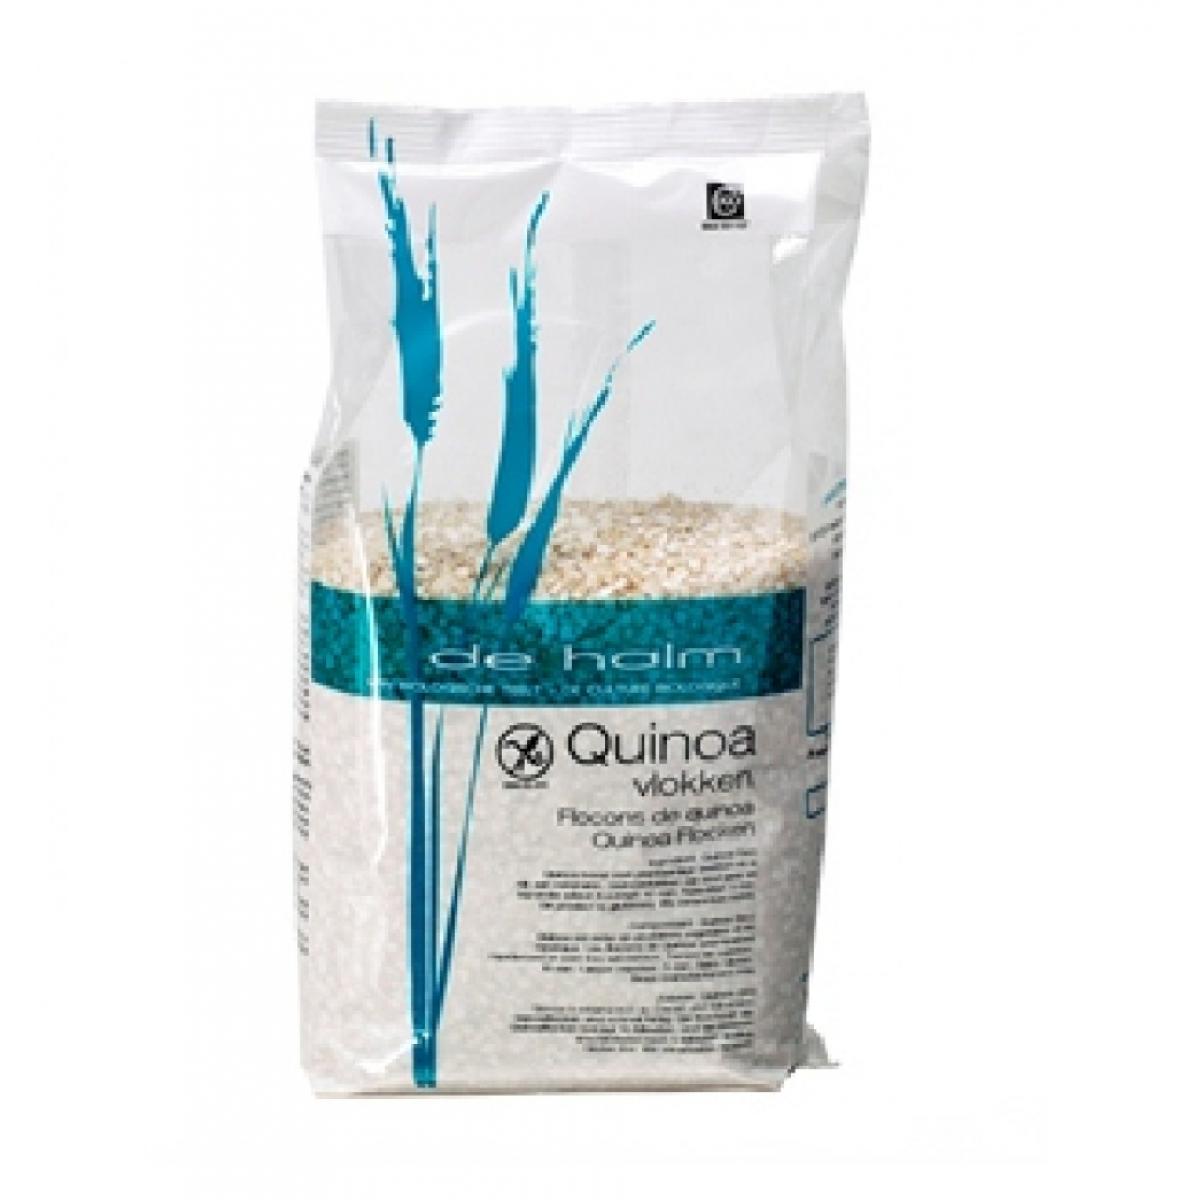 Quinoavlokken